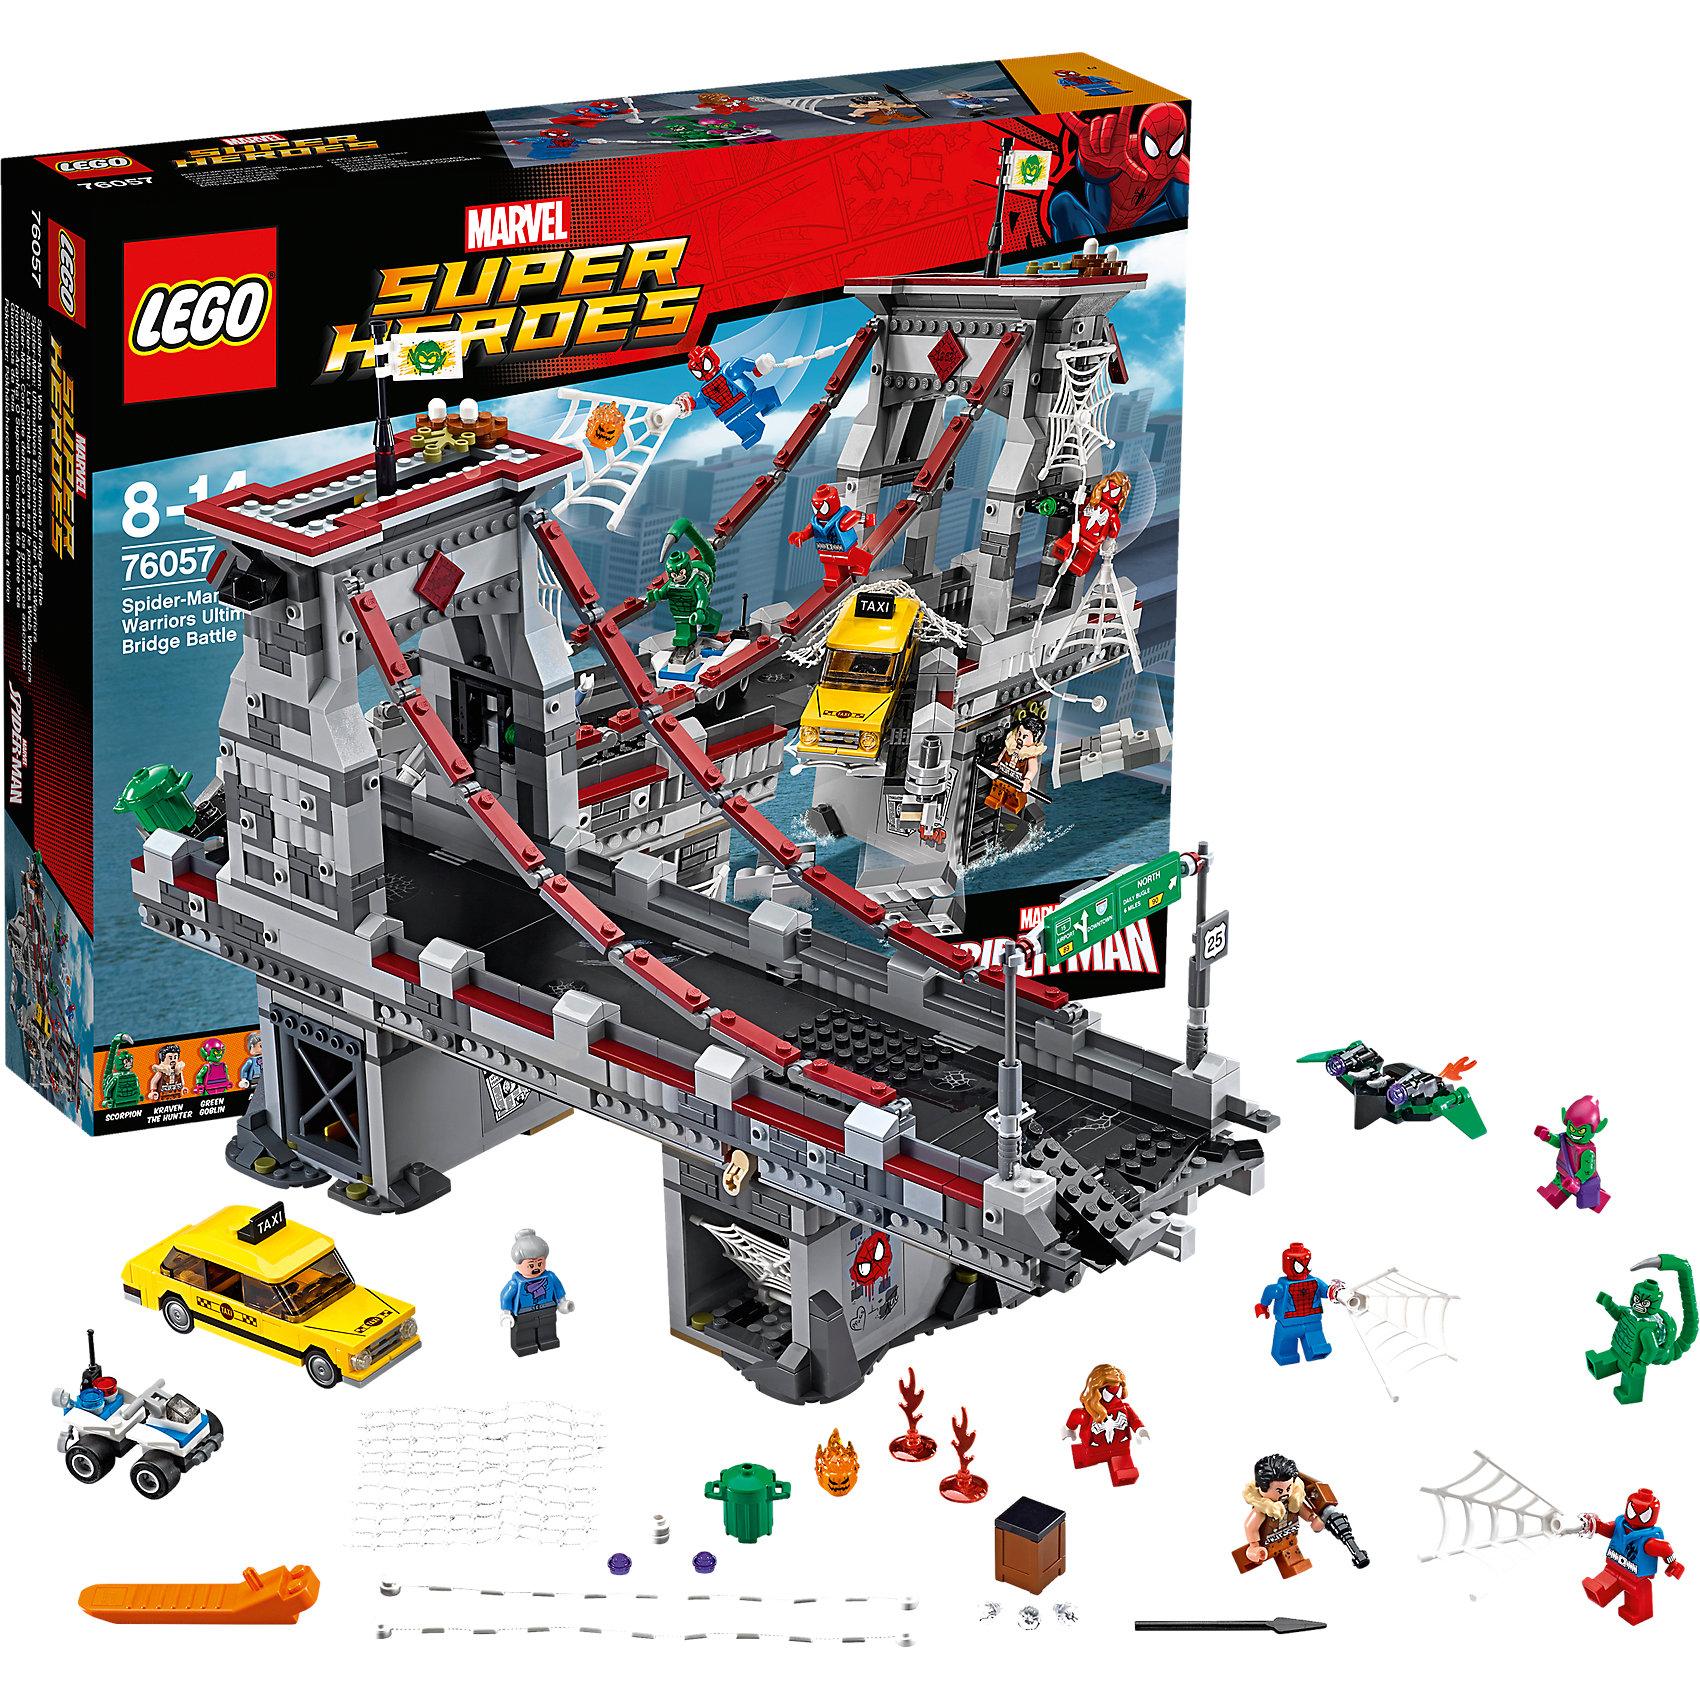 LEGO LEGO Super Heroes 76057: Человек-паук: последний бой воинов паутины шебаршин л последний бой кгб